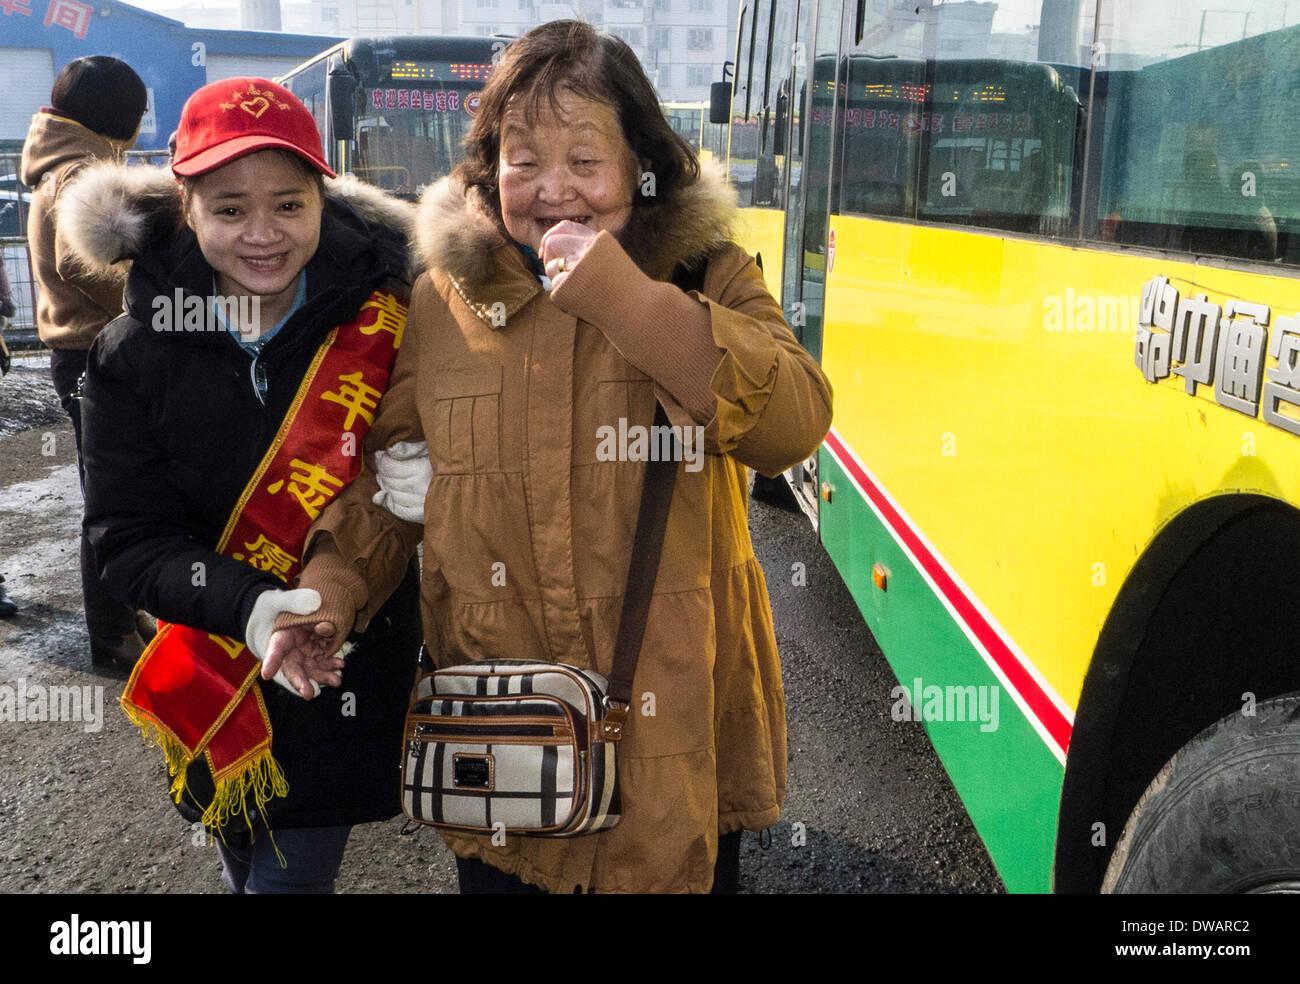 """Urumqi, soldato cinese negli anni sessanta. Il 15 agosto, 1962. Un volontario aiuta una donna anziana su un autobus in Urumqi, capitale del nord-ovest della Cina di Xinjiang Uygur Regione autonoma, 5 marzo 2014, in occasione della """"Lei Feng's Day"""", che cade il 5 marzo di ogni anno. Lei, un giovane soldato cinese negli anni sessanta, è noto per aver dedicato quasi tutto il suo tempo di ricambio e denaro per aiutare disinteressatamente i bisognosi. Egli è morto dopo essere stato colpito da una caduta di pole mentre aiutando un compagno soldato dirigere un carrello su 15 Agosto 1962. Credito: Wang Fei/Xinhua/Alamy Live News Immagini Stock"""